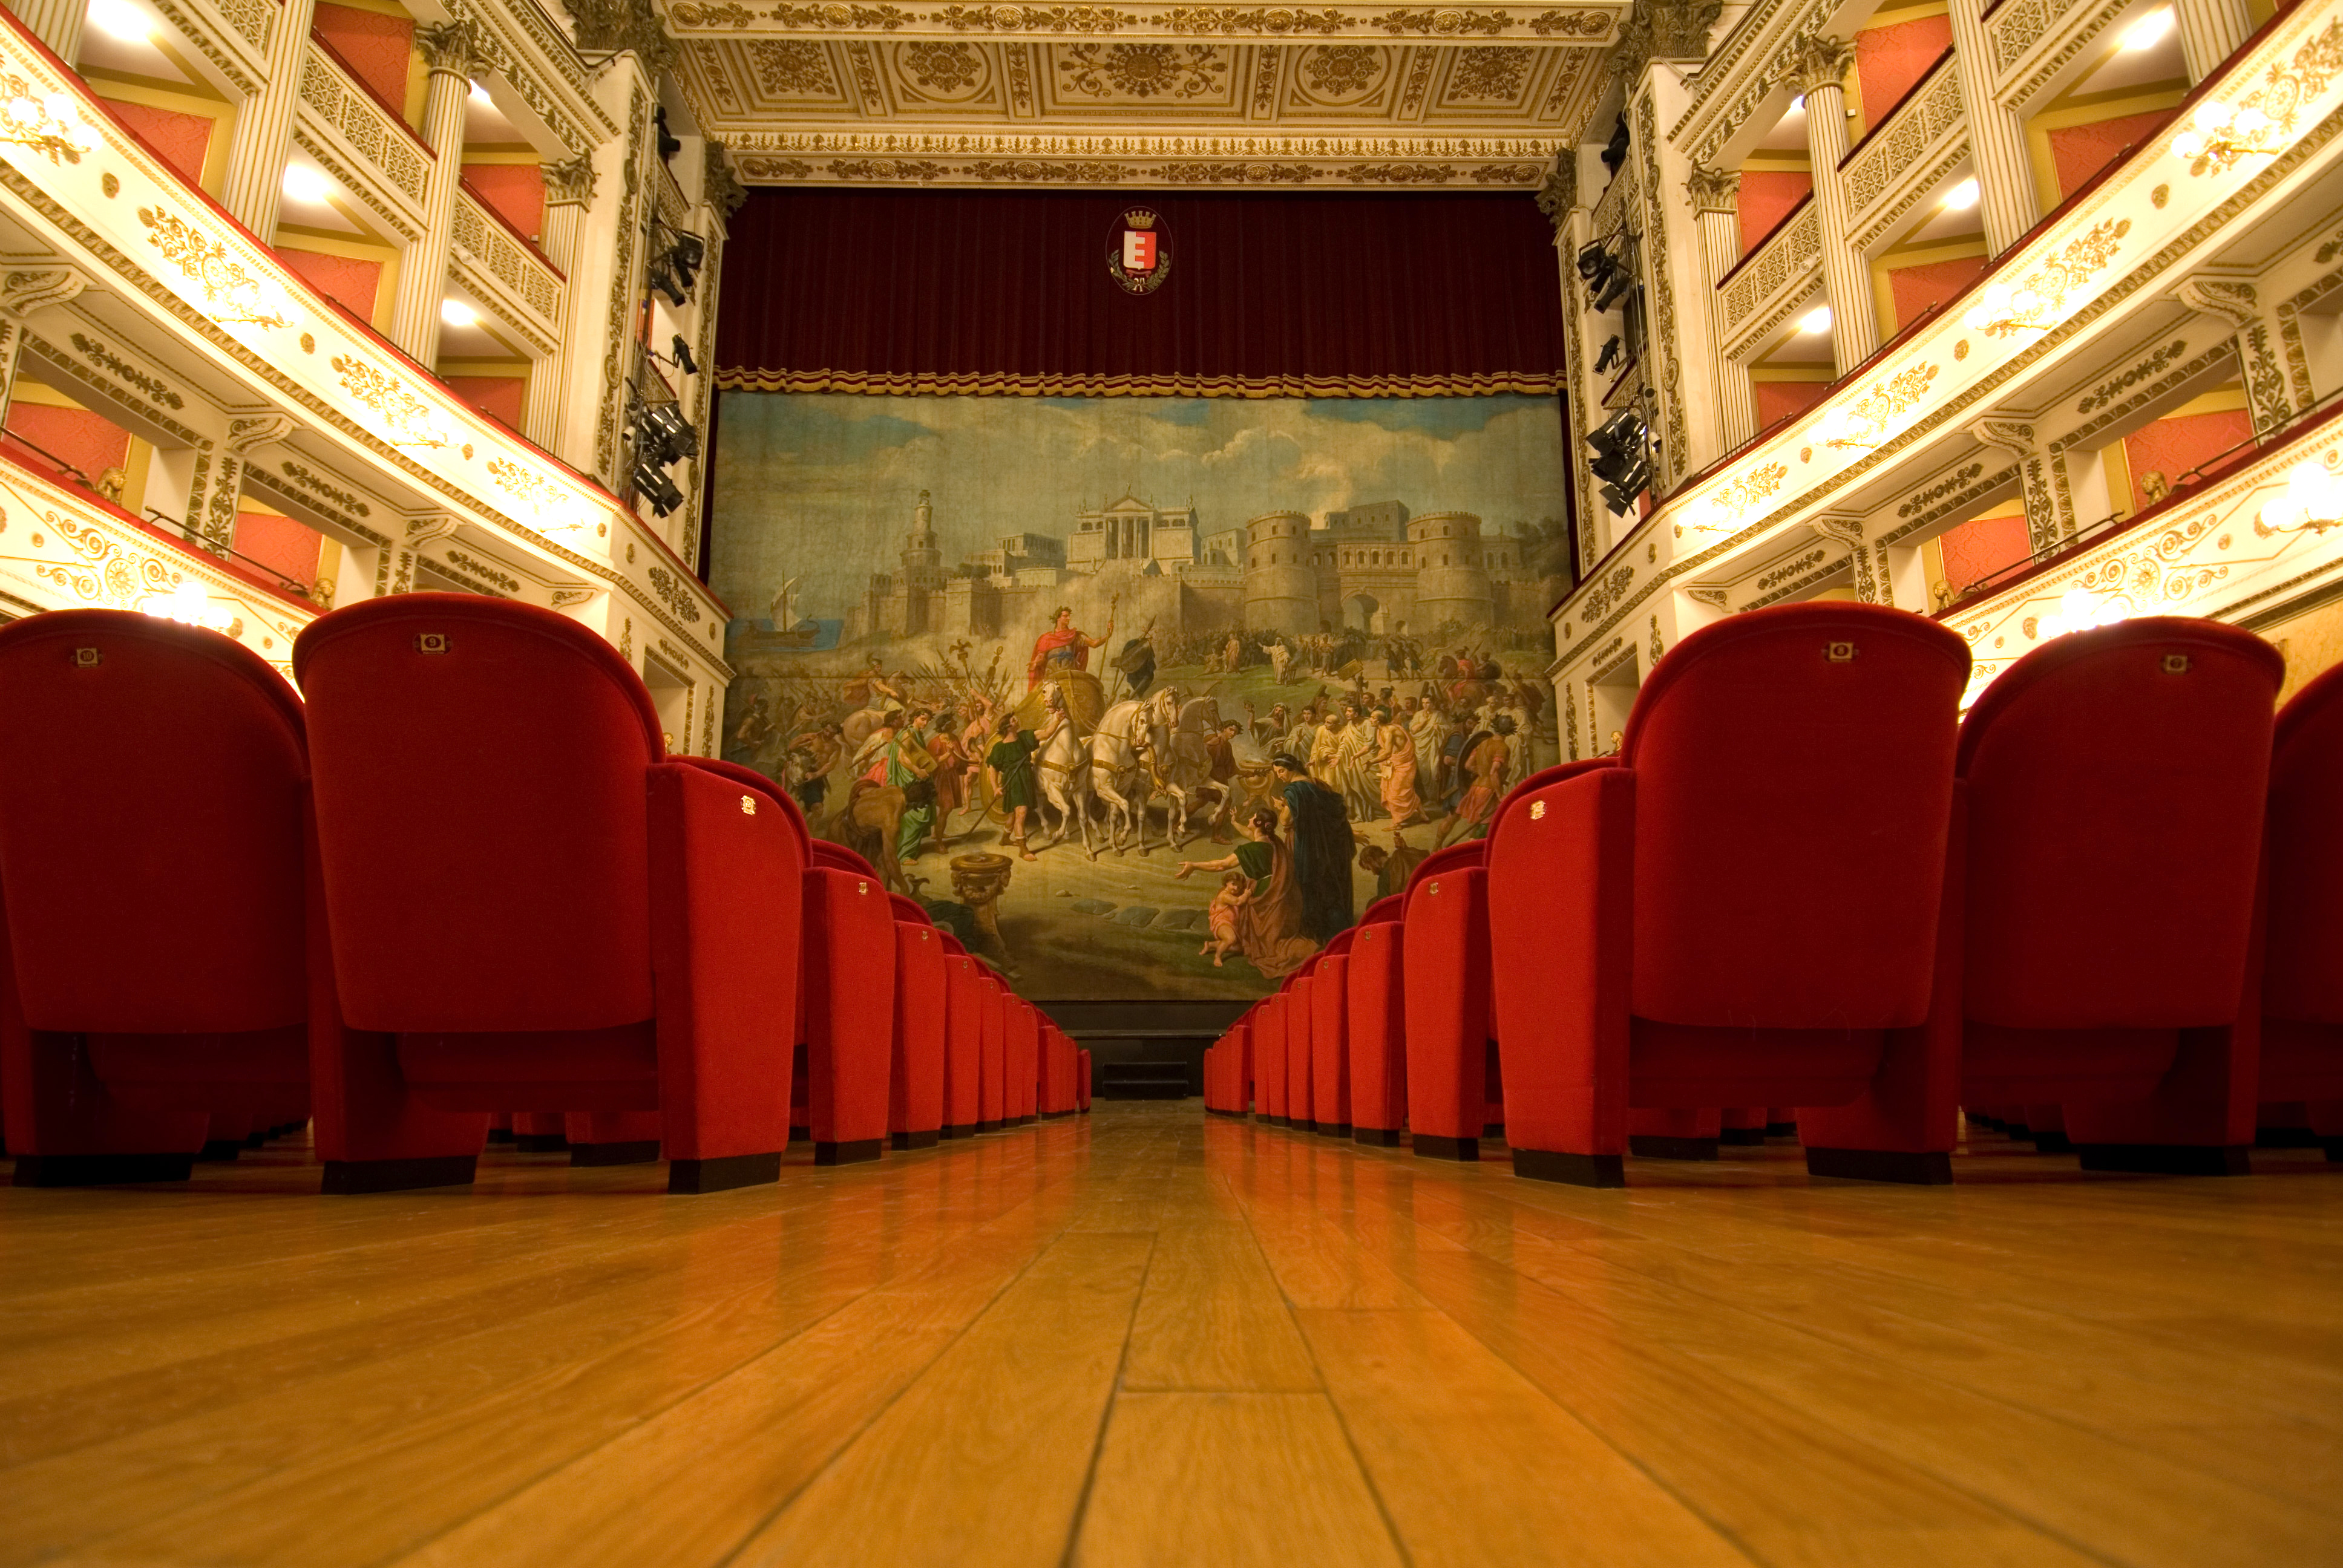 Teatro_della_fortuna_-_interno_dsc_3587